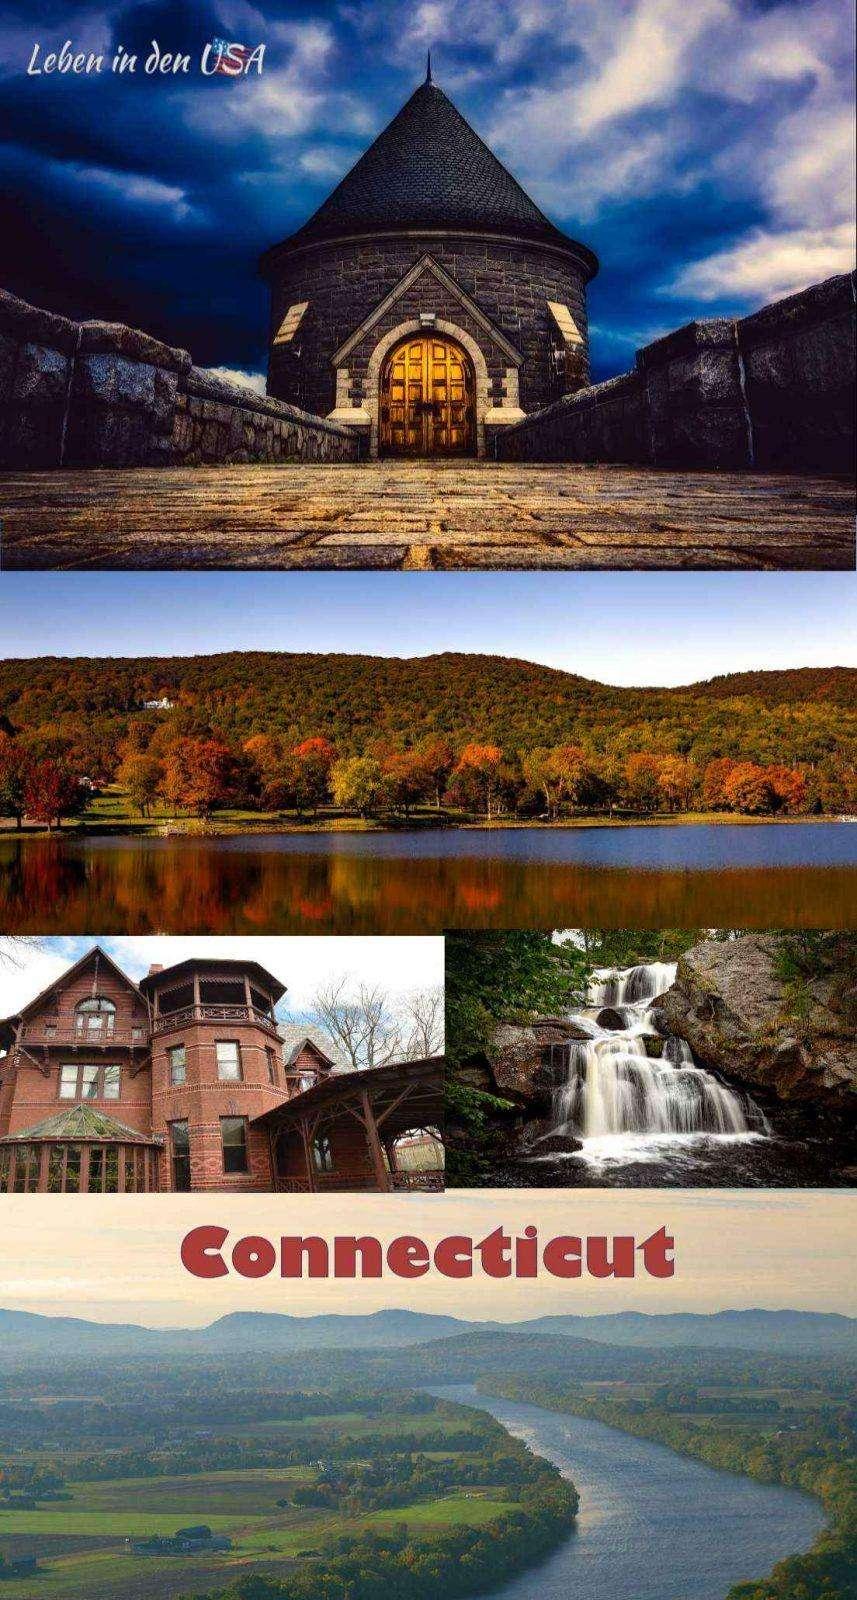 Connecticut der Constitution State in Nordamerika - Informationen und Fakten zu diesem Staat in den USA